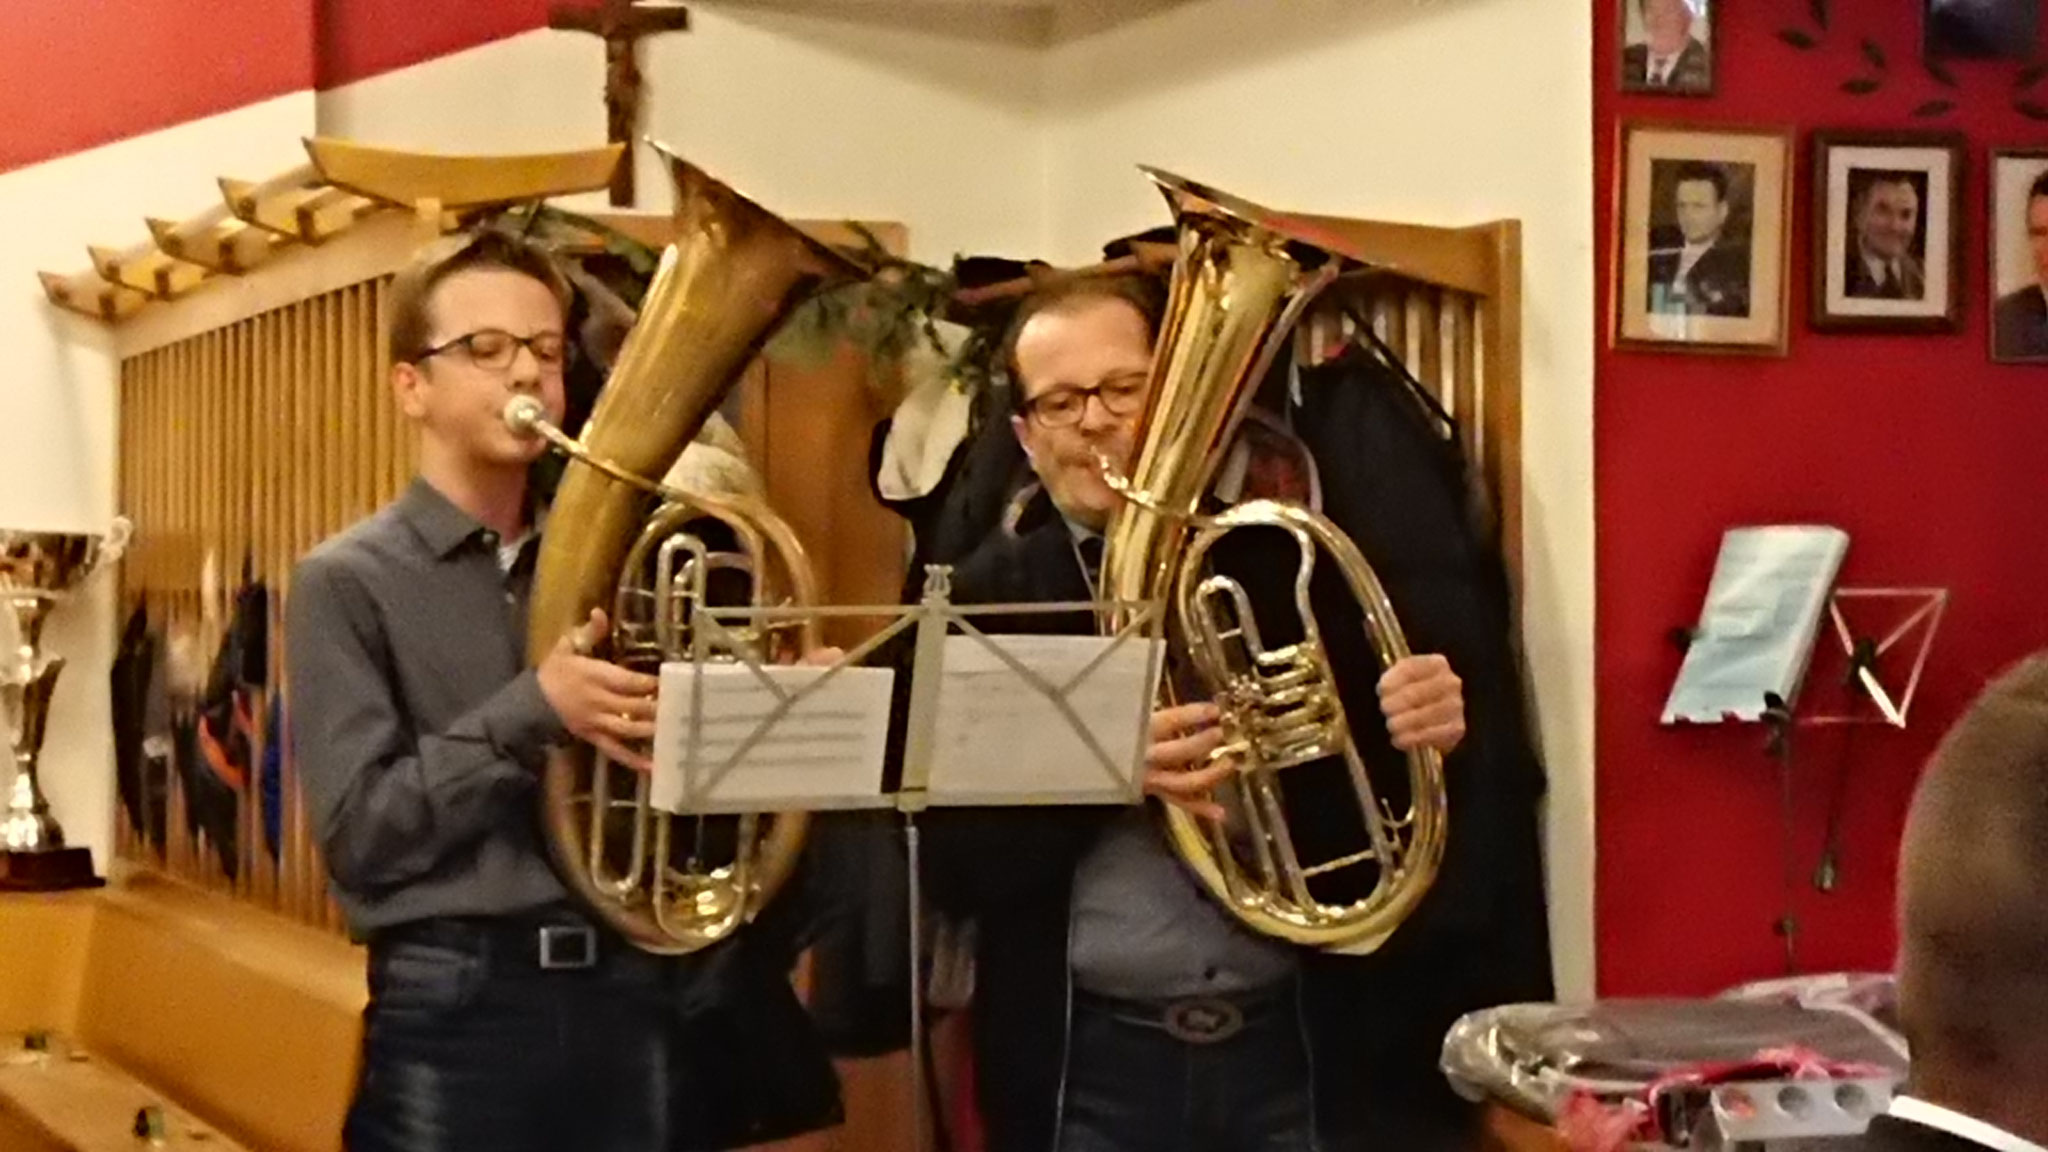 Musikalisches Duo Hartmann